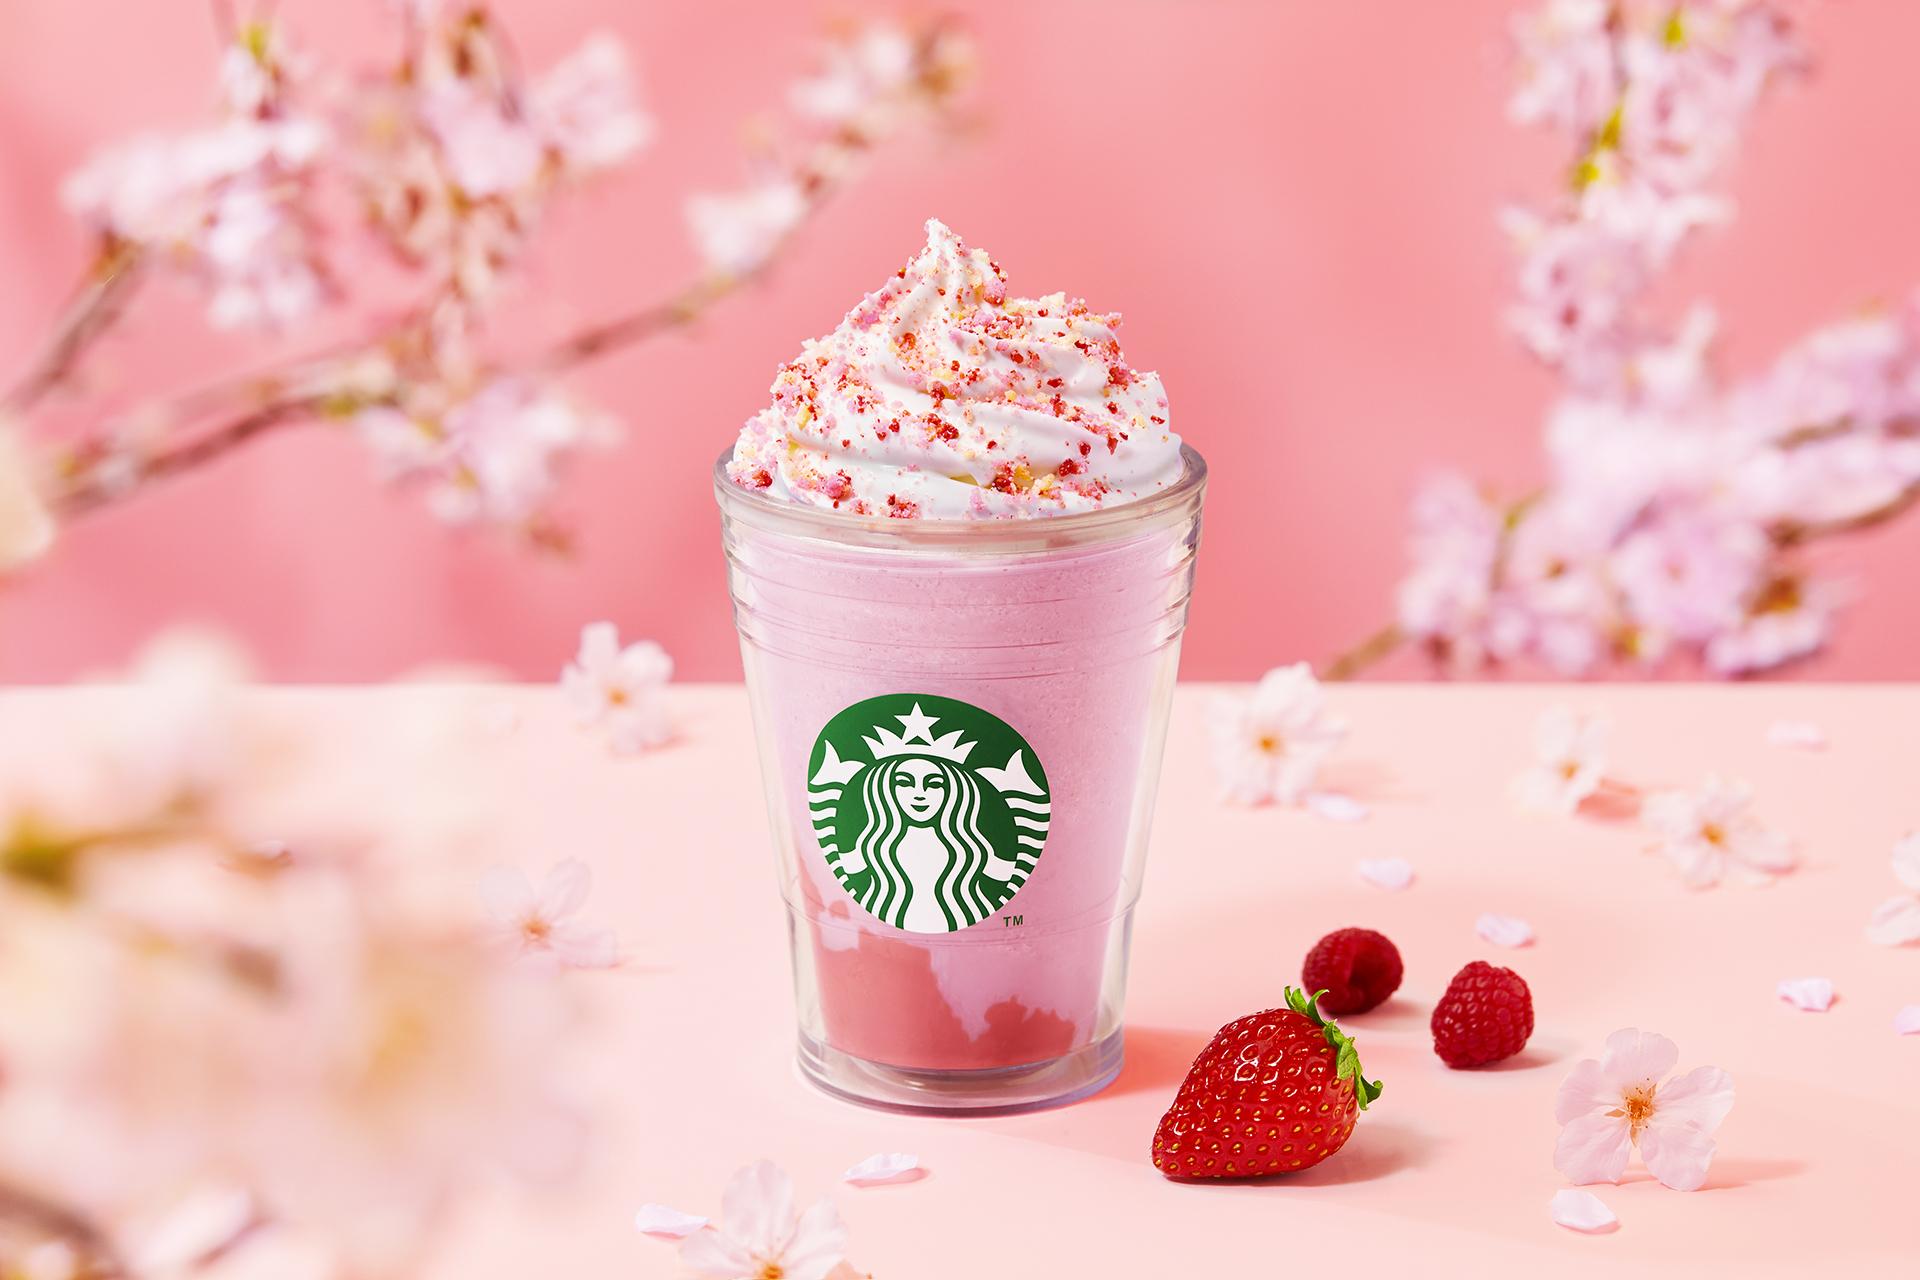 甘酸っぱいストロベリーの風味をもっと楽しめる『さくら咲いた ベリー フラペチーノ(R)』 3月24日より発売🌸🍓